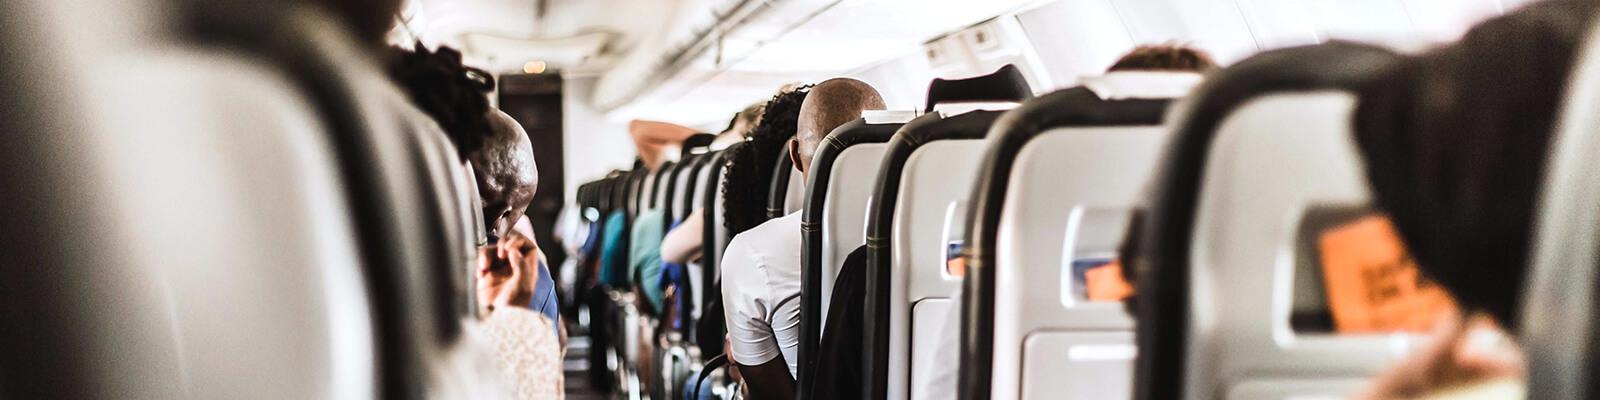 Wartende Fluggäste im Flugzeug